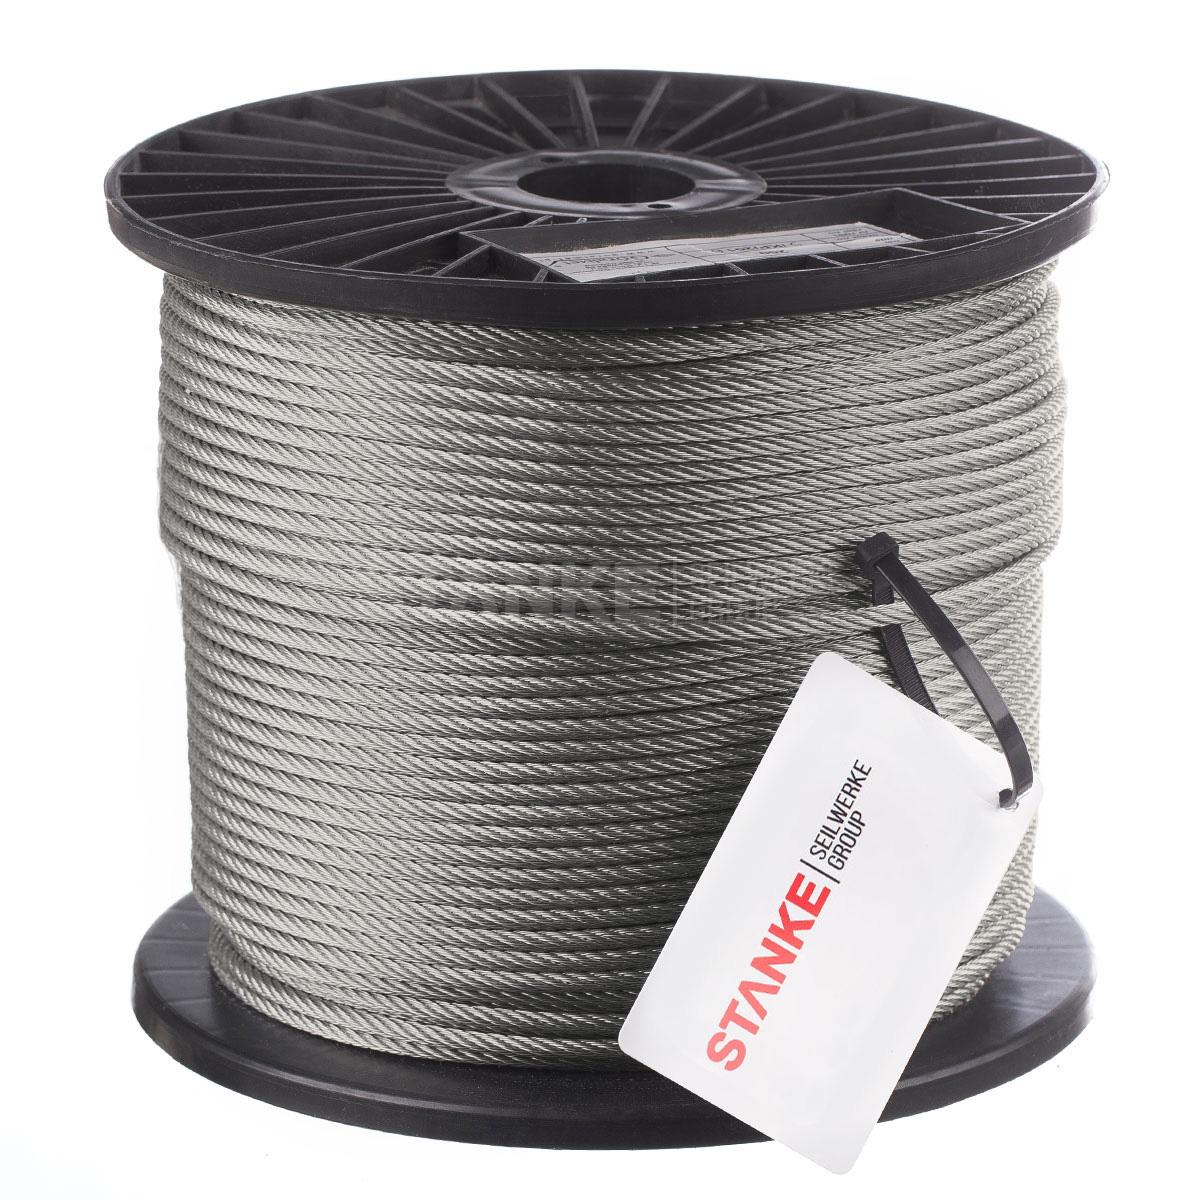 Edelstahl Drahtseil Draht Seil für Geländer 7x7 V4A A4 Stahlseil weich NIRO